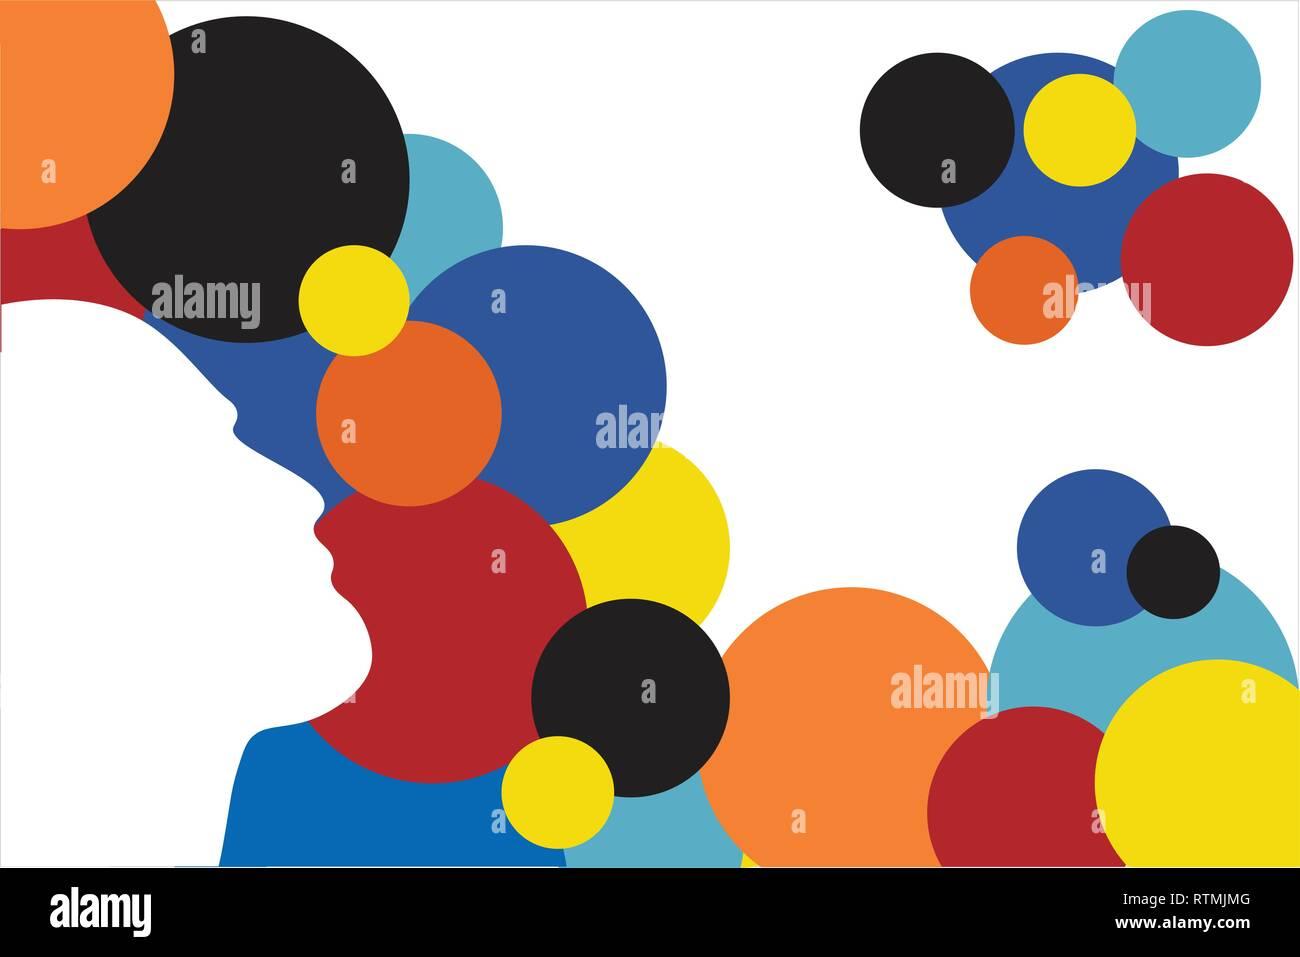 Les droits de l'ossature avec des cercles colorés - vector illustration - Illustration en couches modifiable Photo Stock